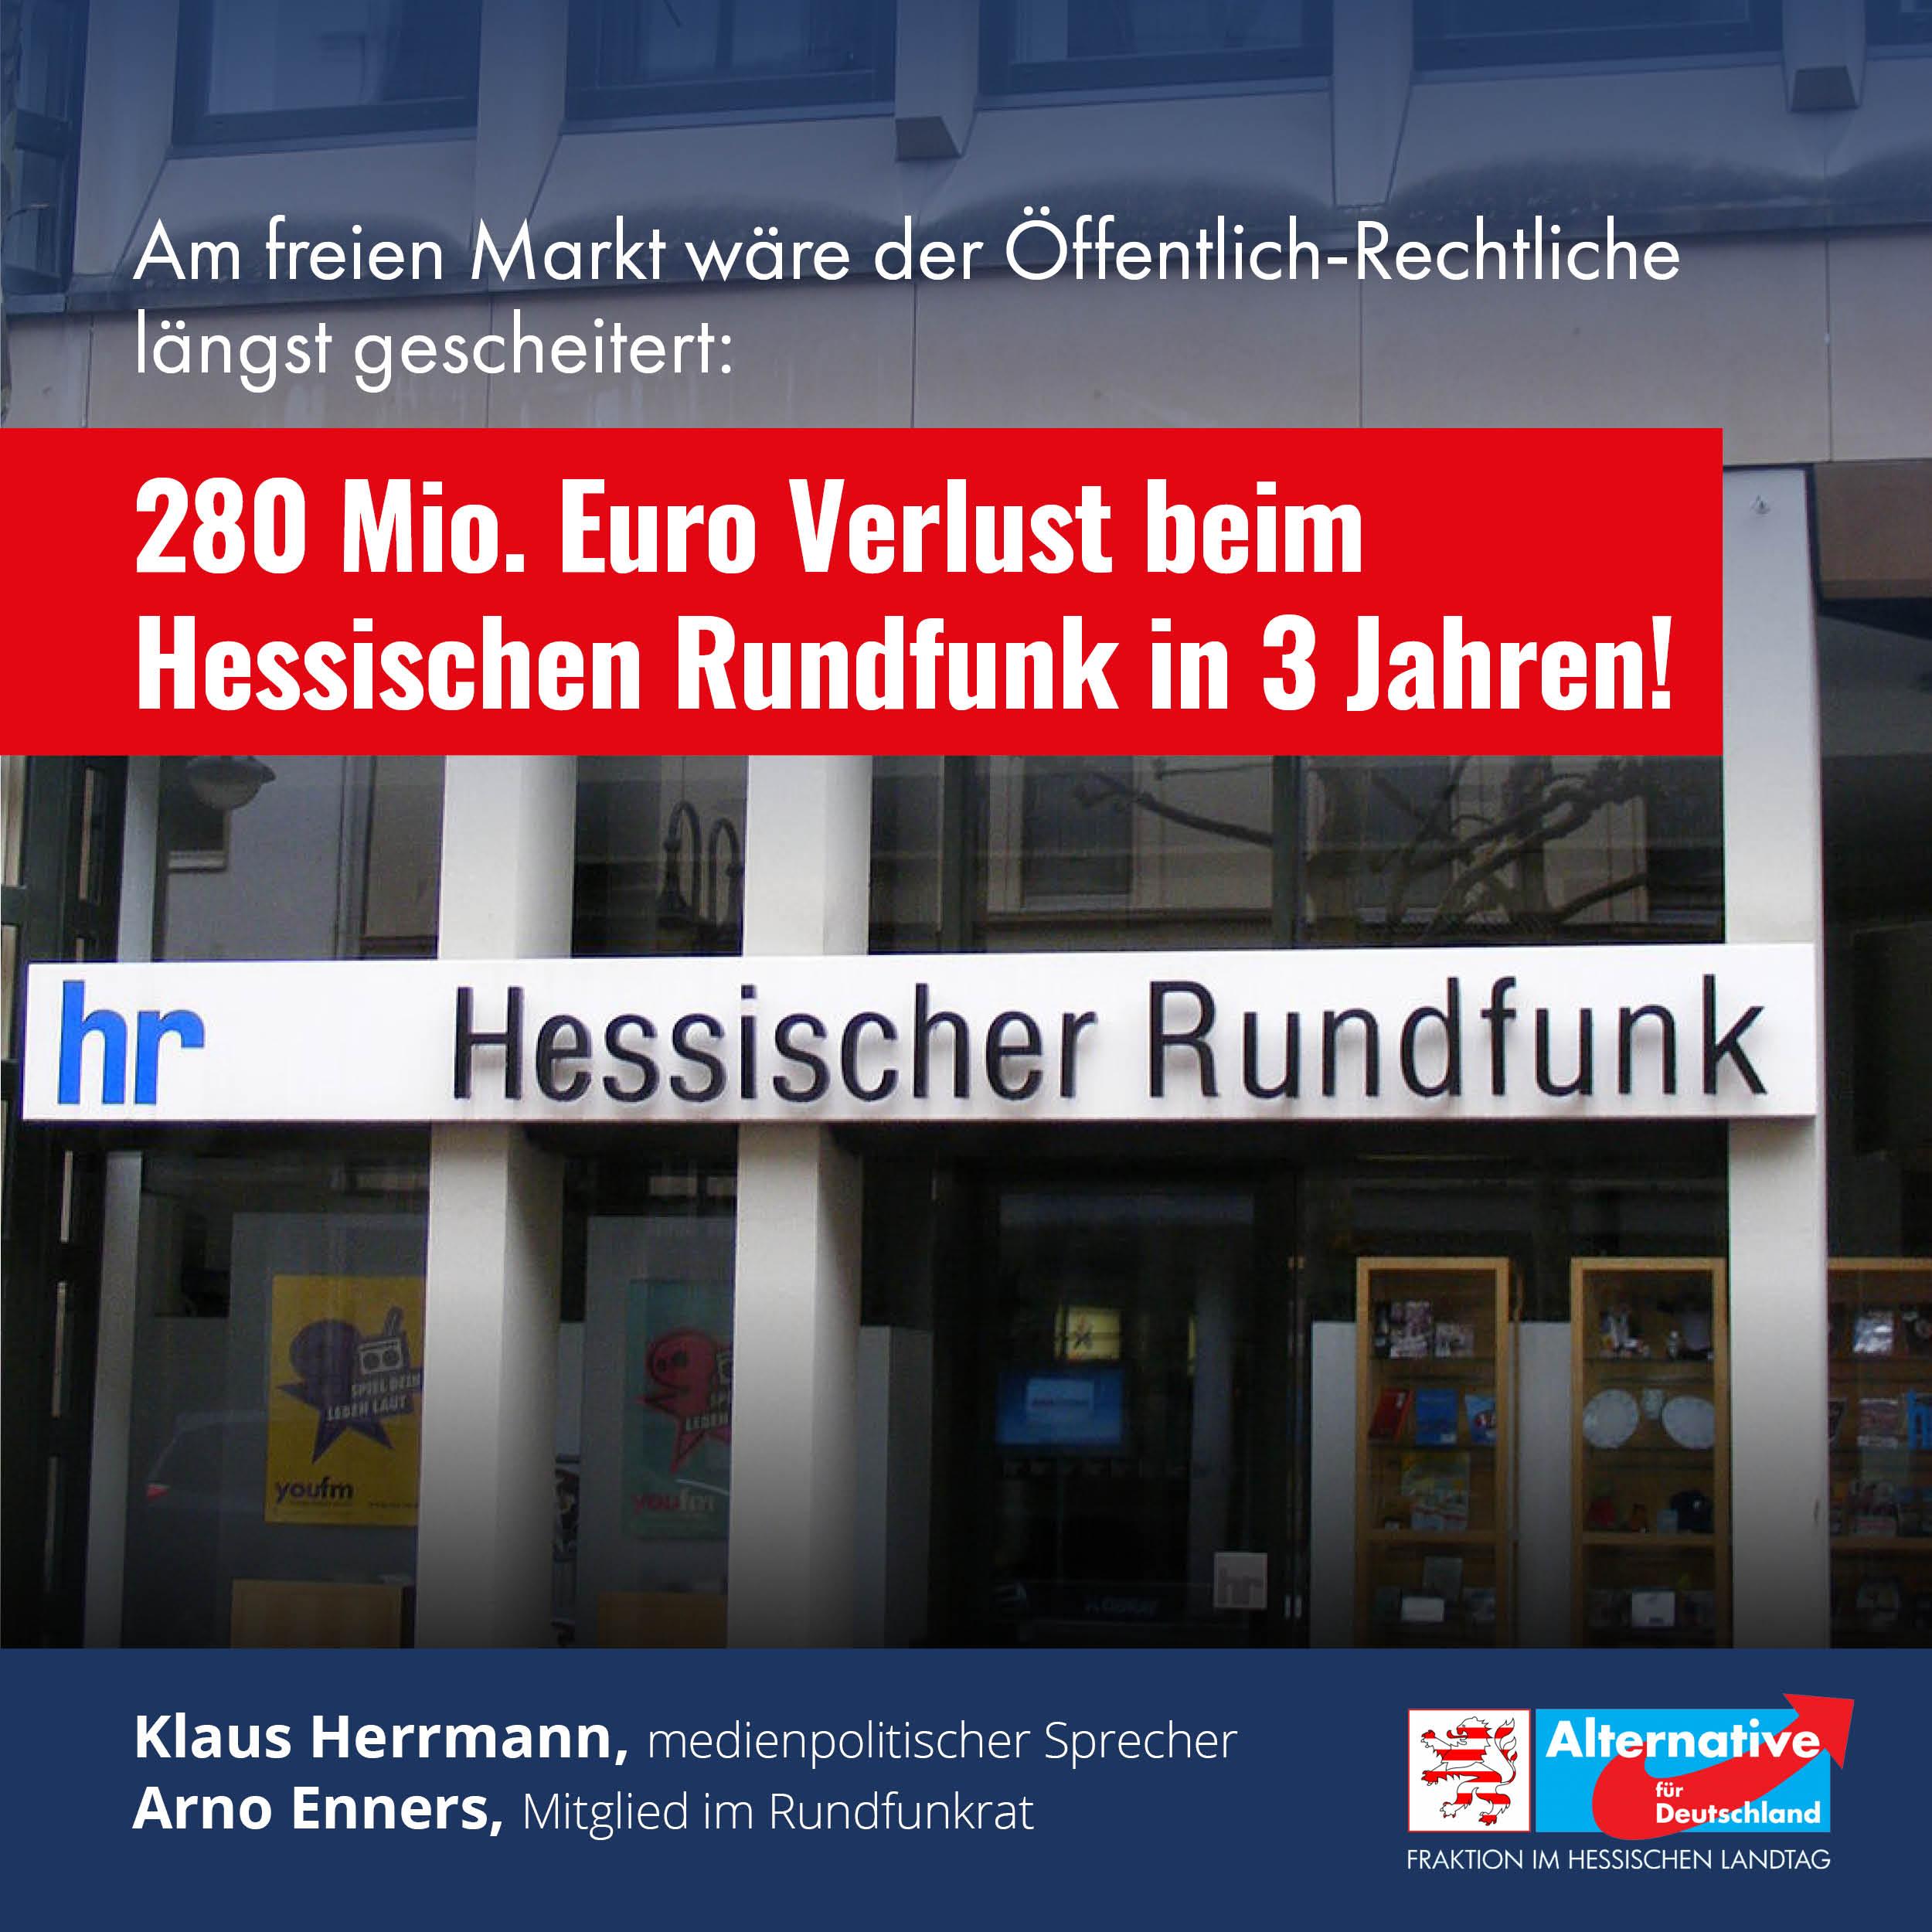 You are currently viewing 280 Mio. Euro Verlust beim Hessischen Rundfunk in 3 Jahren!